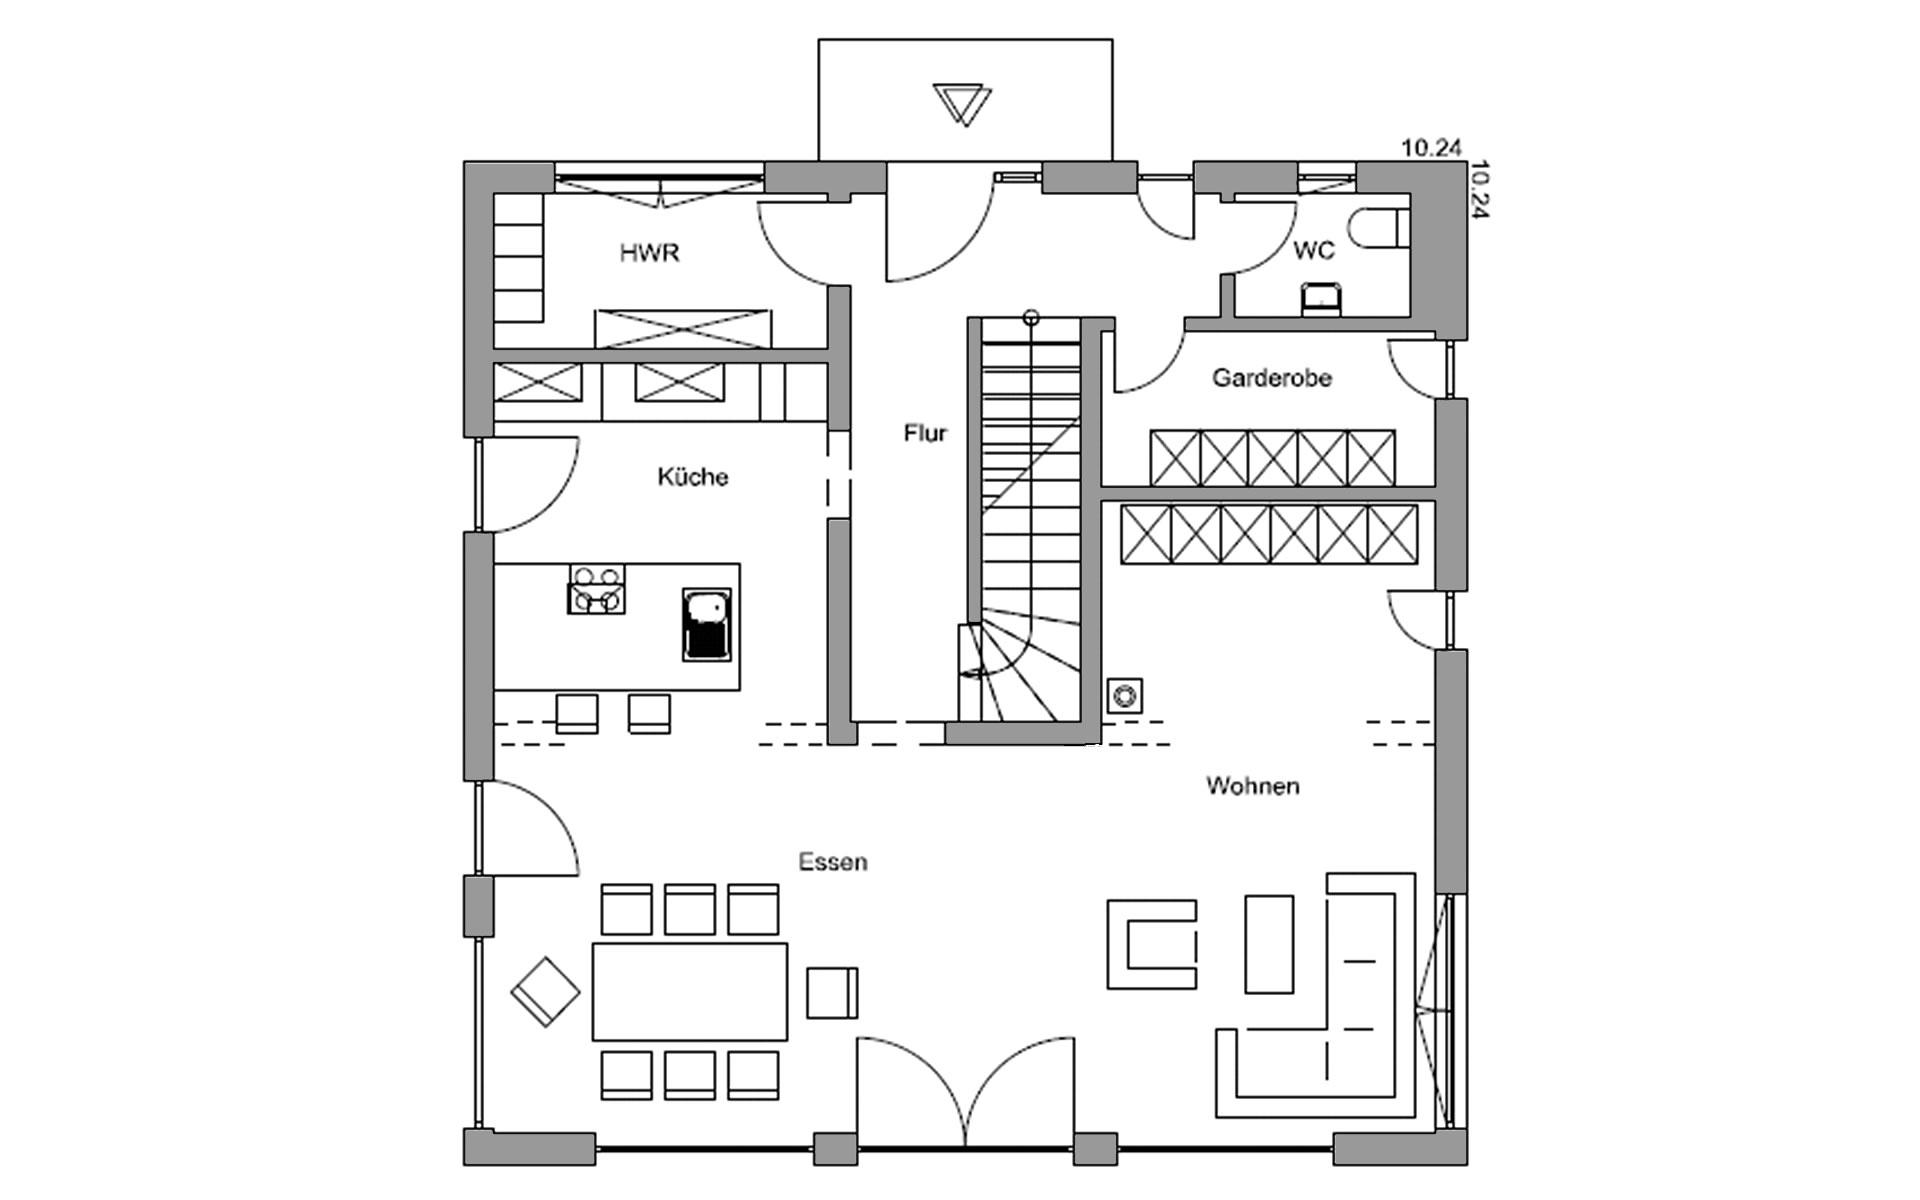 Erdgeschoss Zorneding von Regnauer Hausbau GmbH & Co. KG